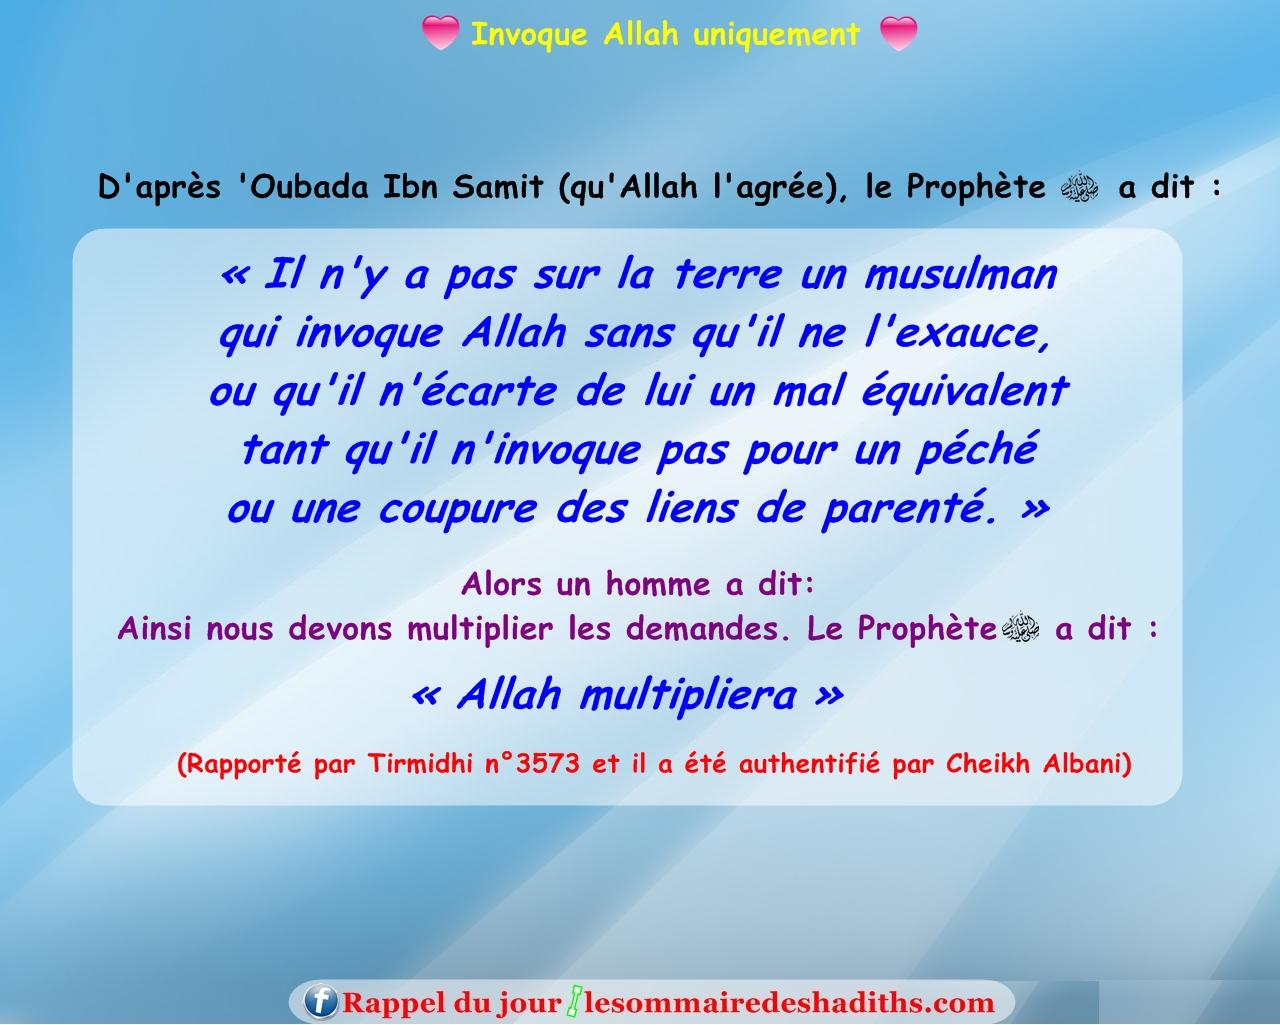 Invoque Allah uniquement ('Oubada Ibn Samit)